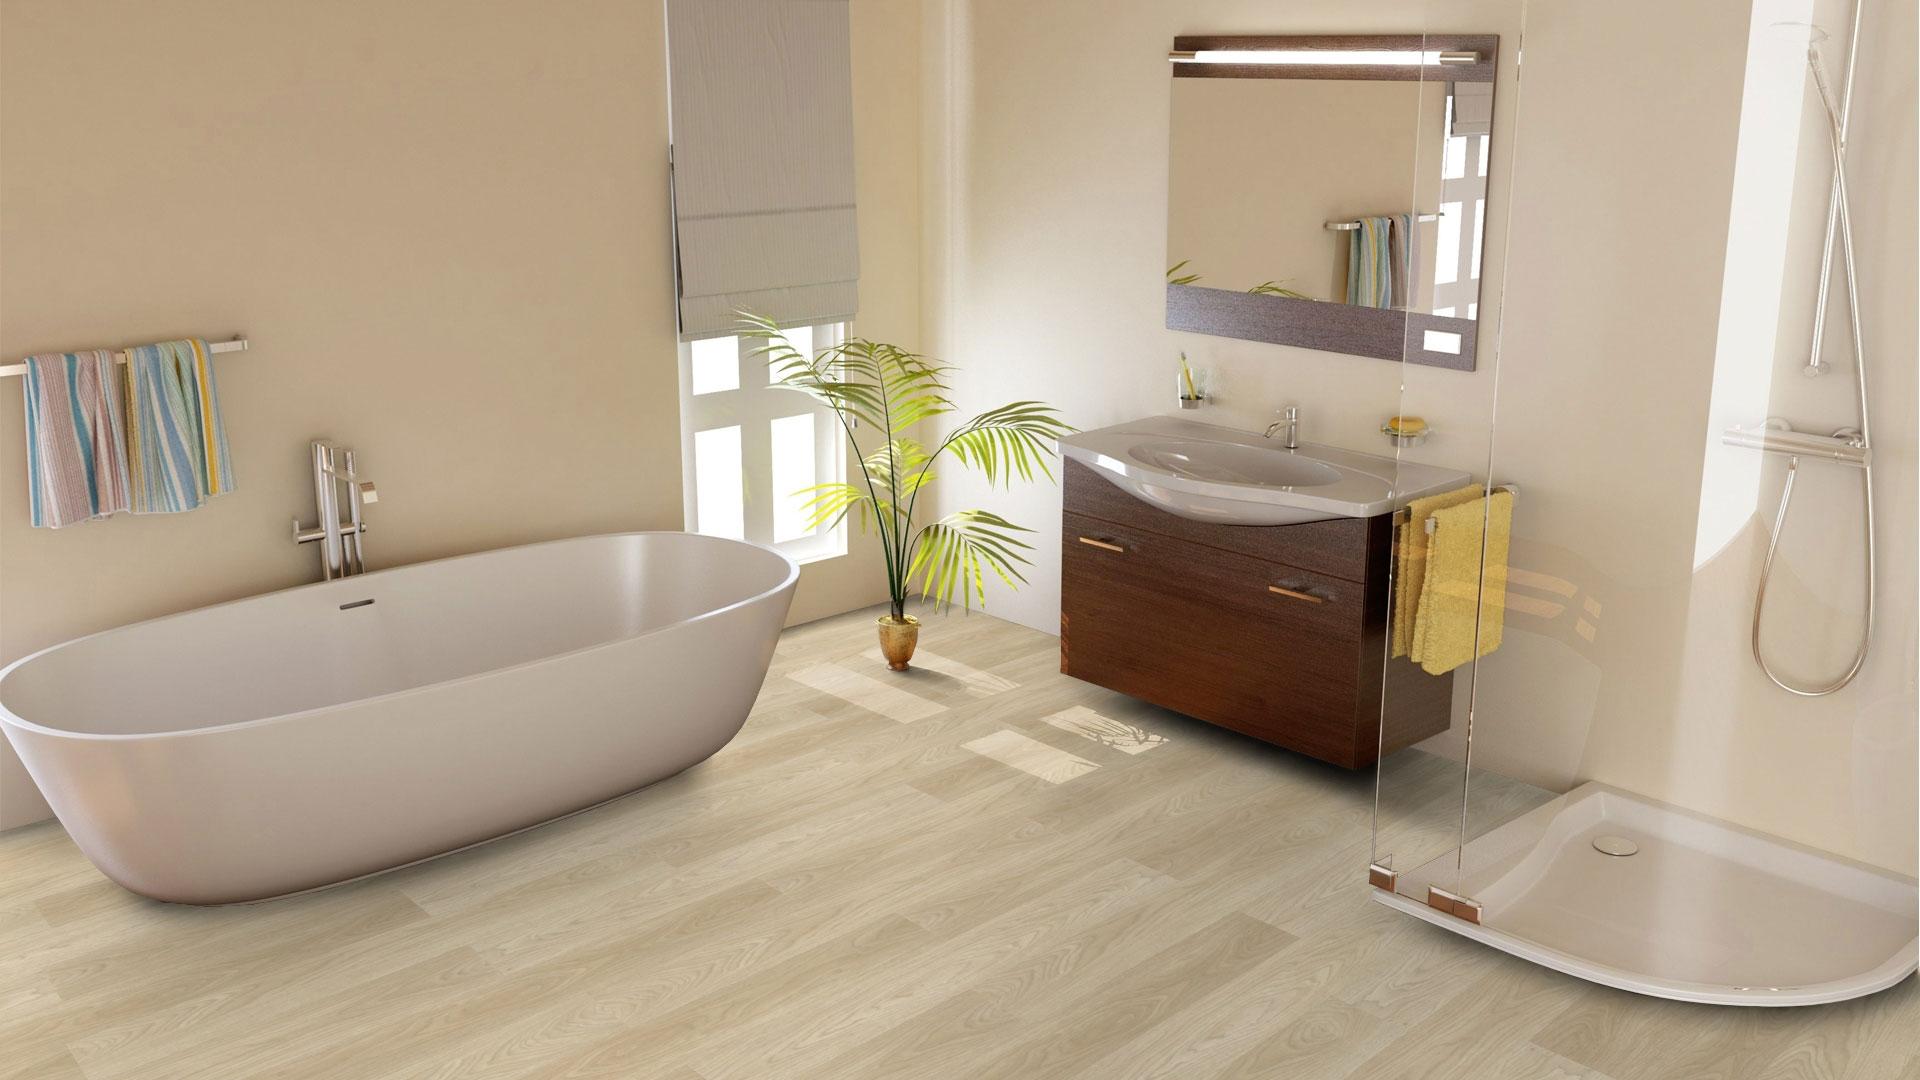 Boden Für Küche Und Bad | Alternative Zu Fliesen Im Bad Boden ...